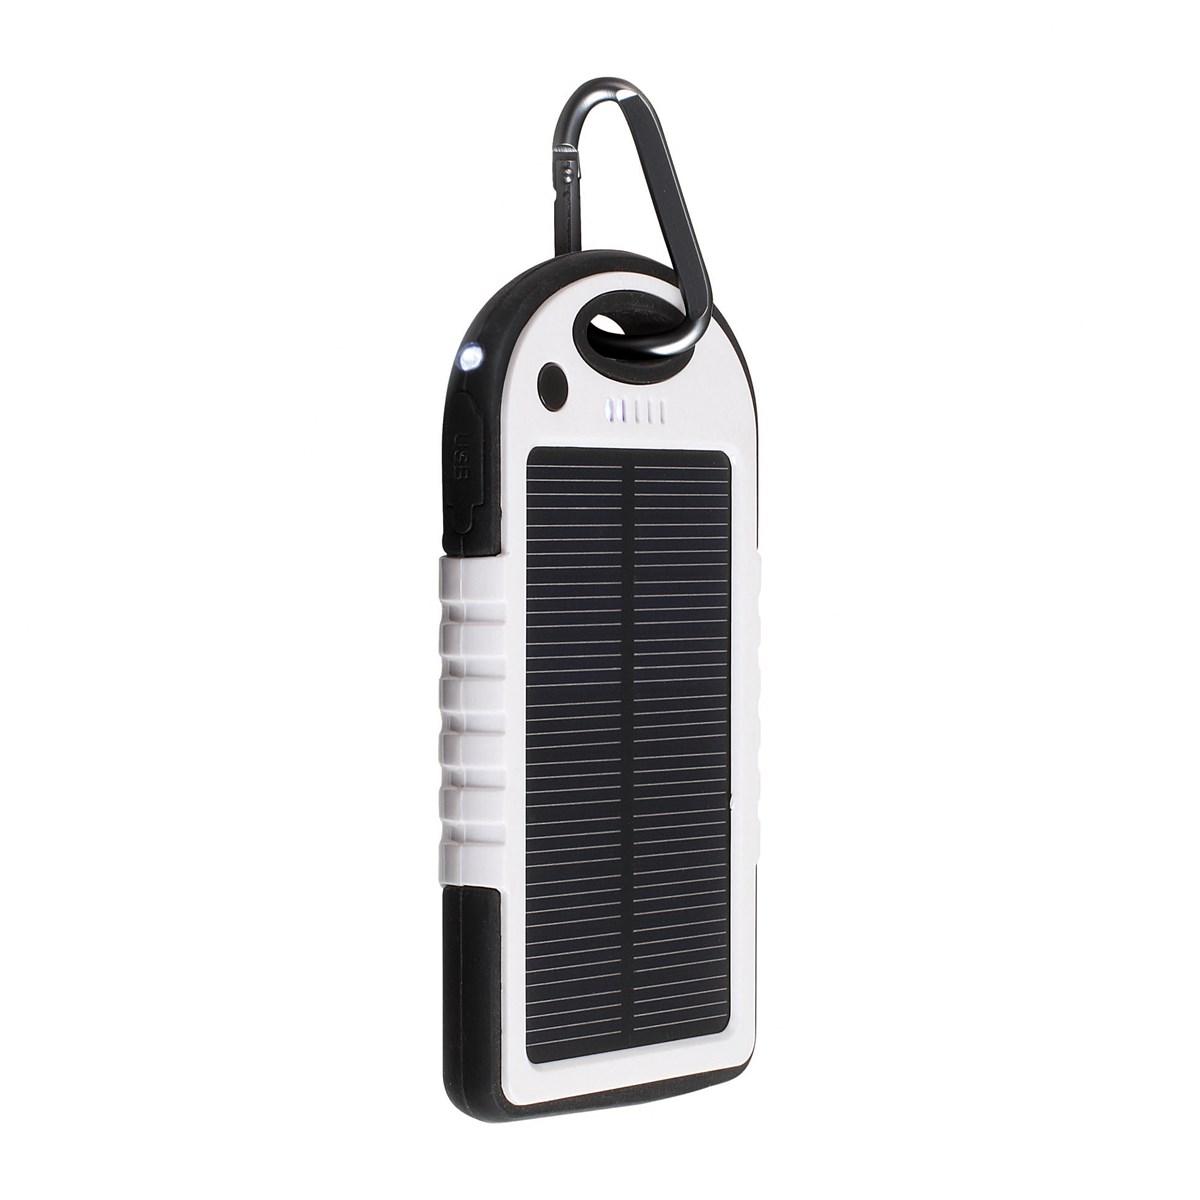 Batterie de secours solaire en plastique blanc